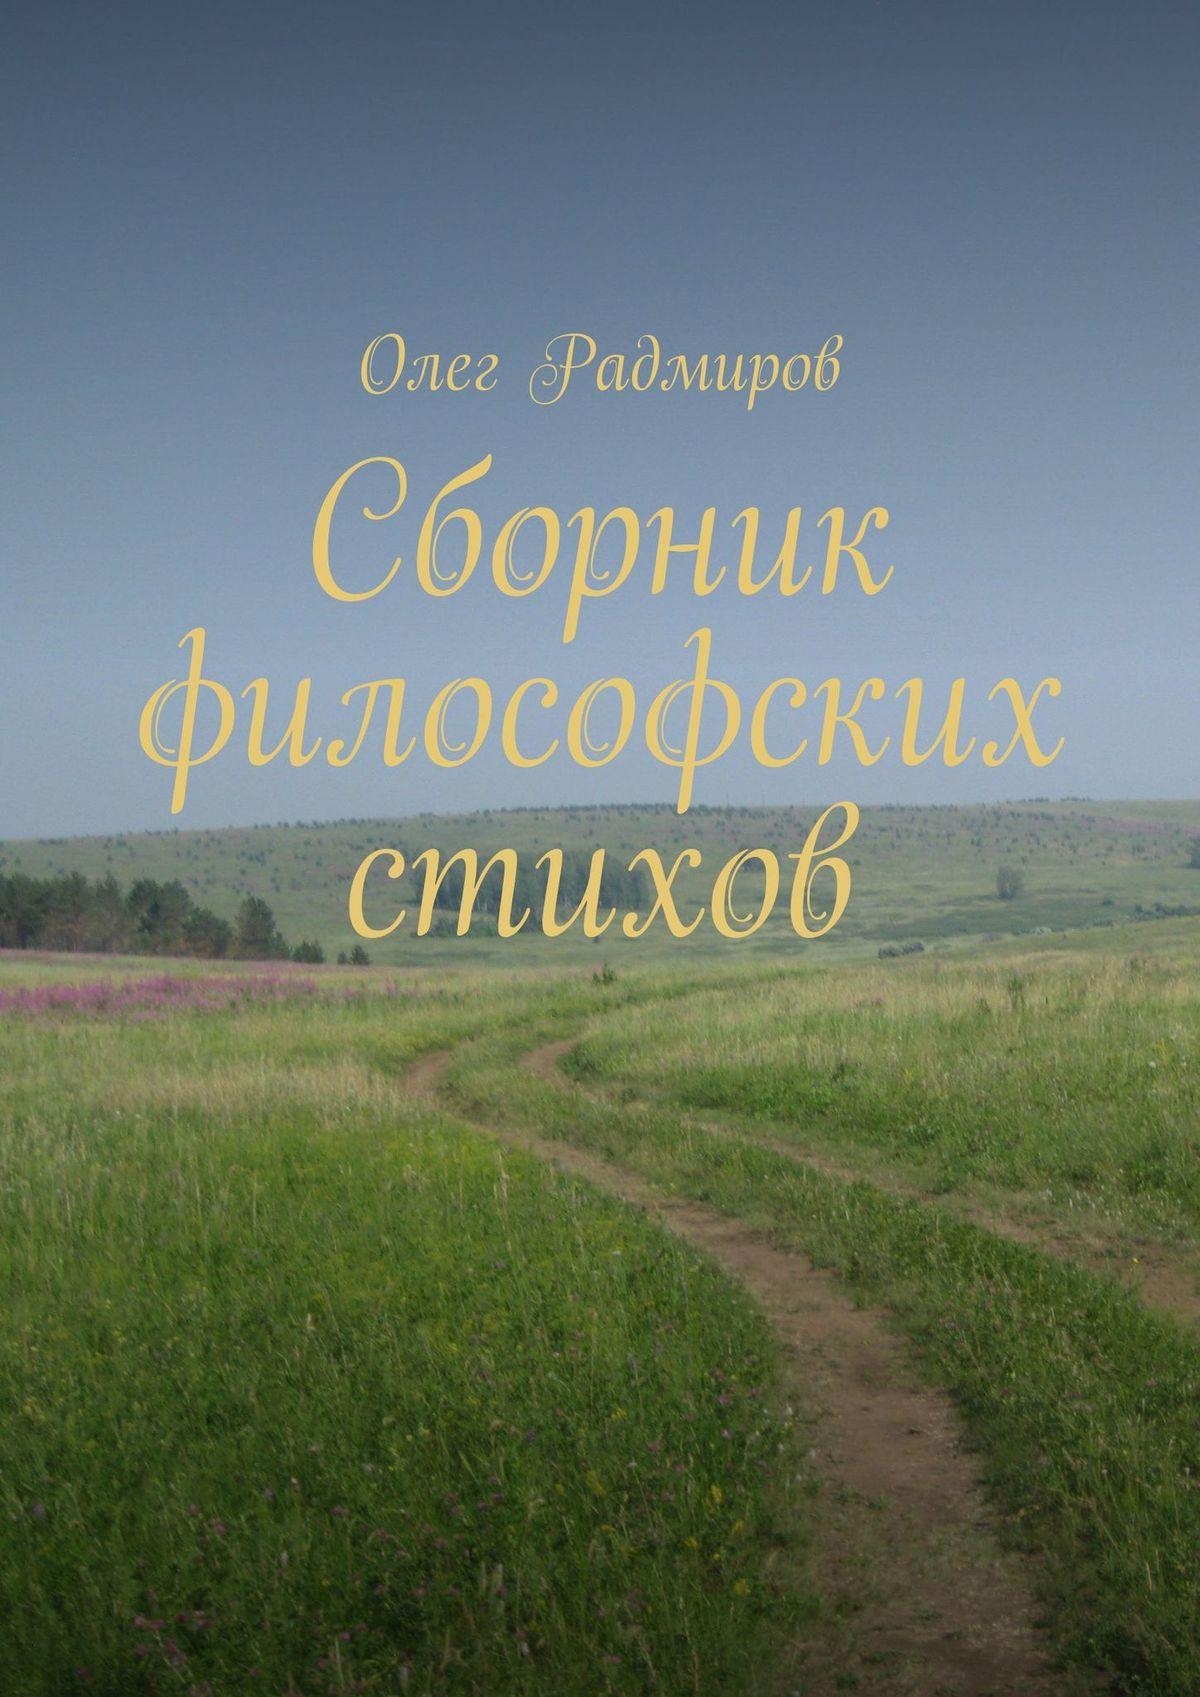 Сборник философских стихов